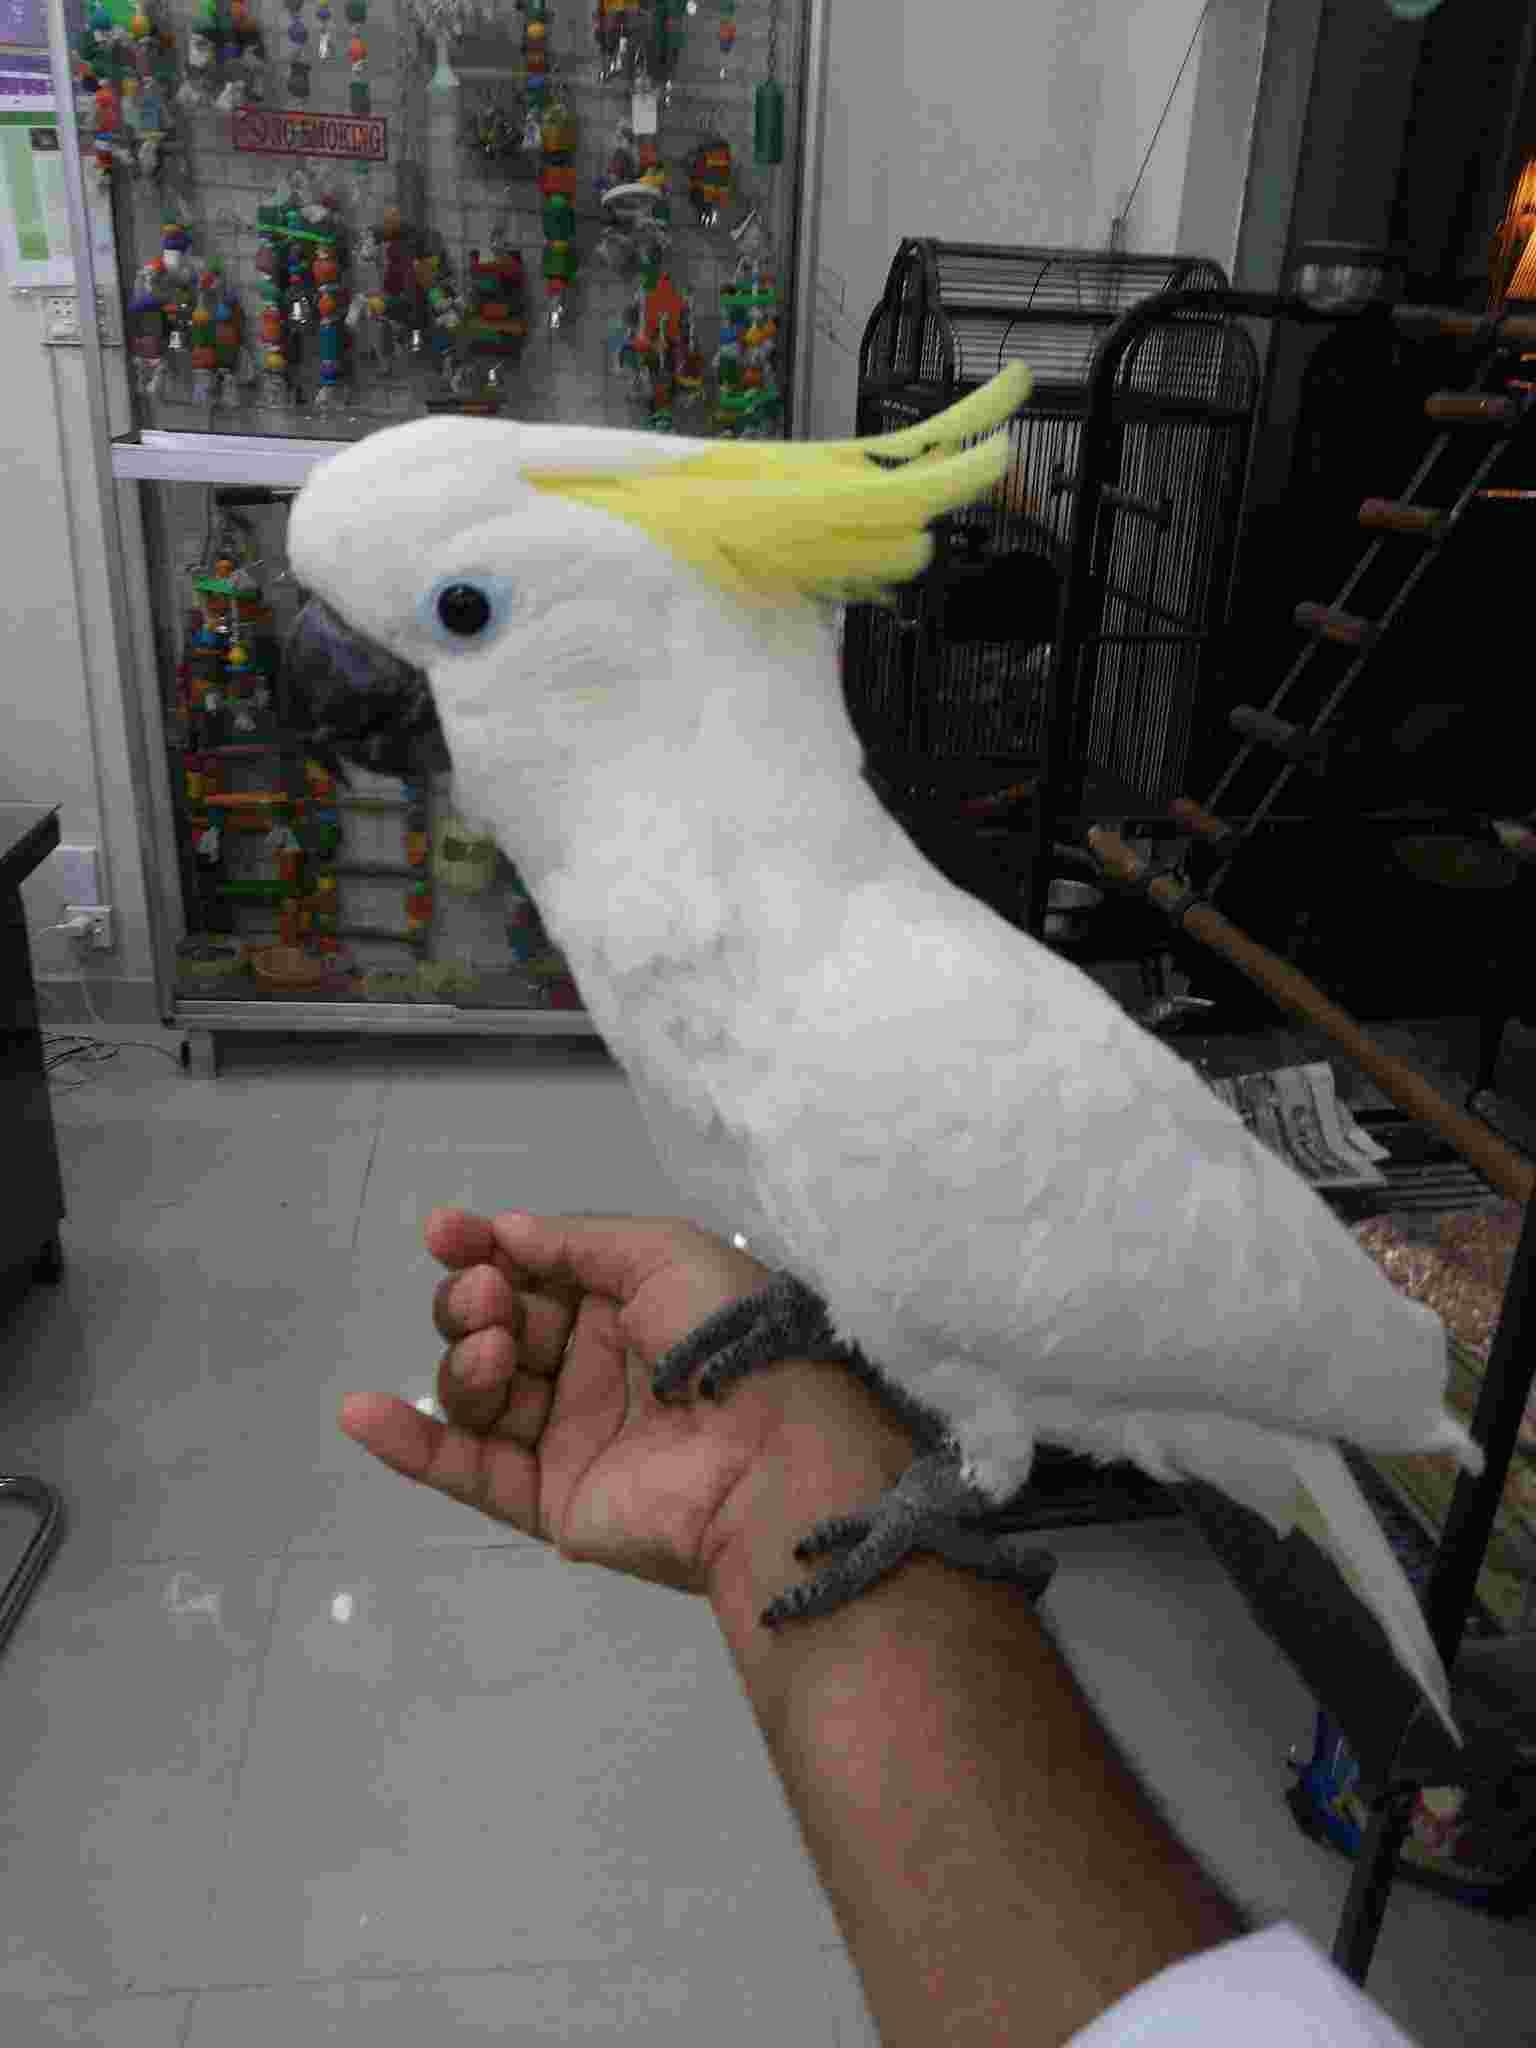 Jual Burung Kakatua Jinak Pintar Bicara Laman 83142146217 Pasti Terjual